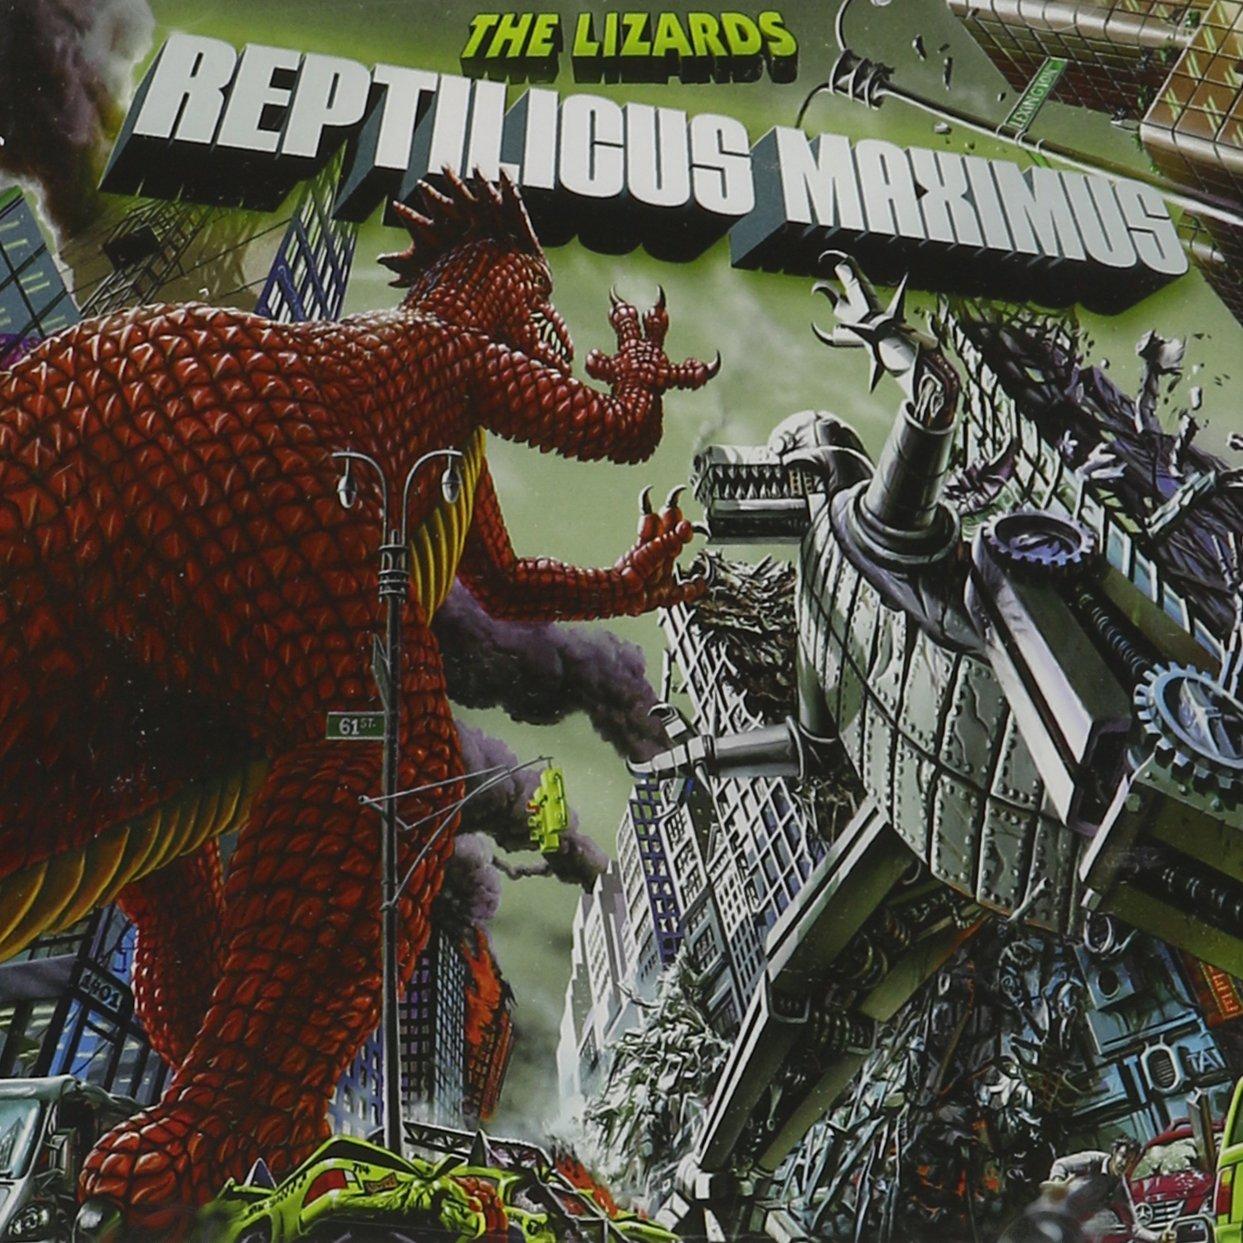 THE LIZARDS Reptilicus Maximus